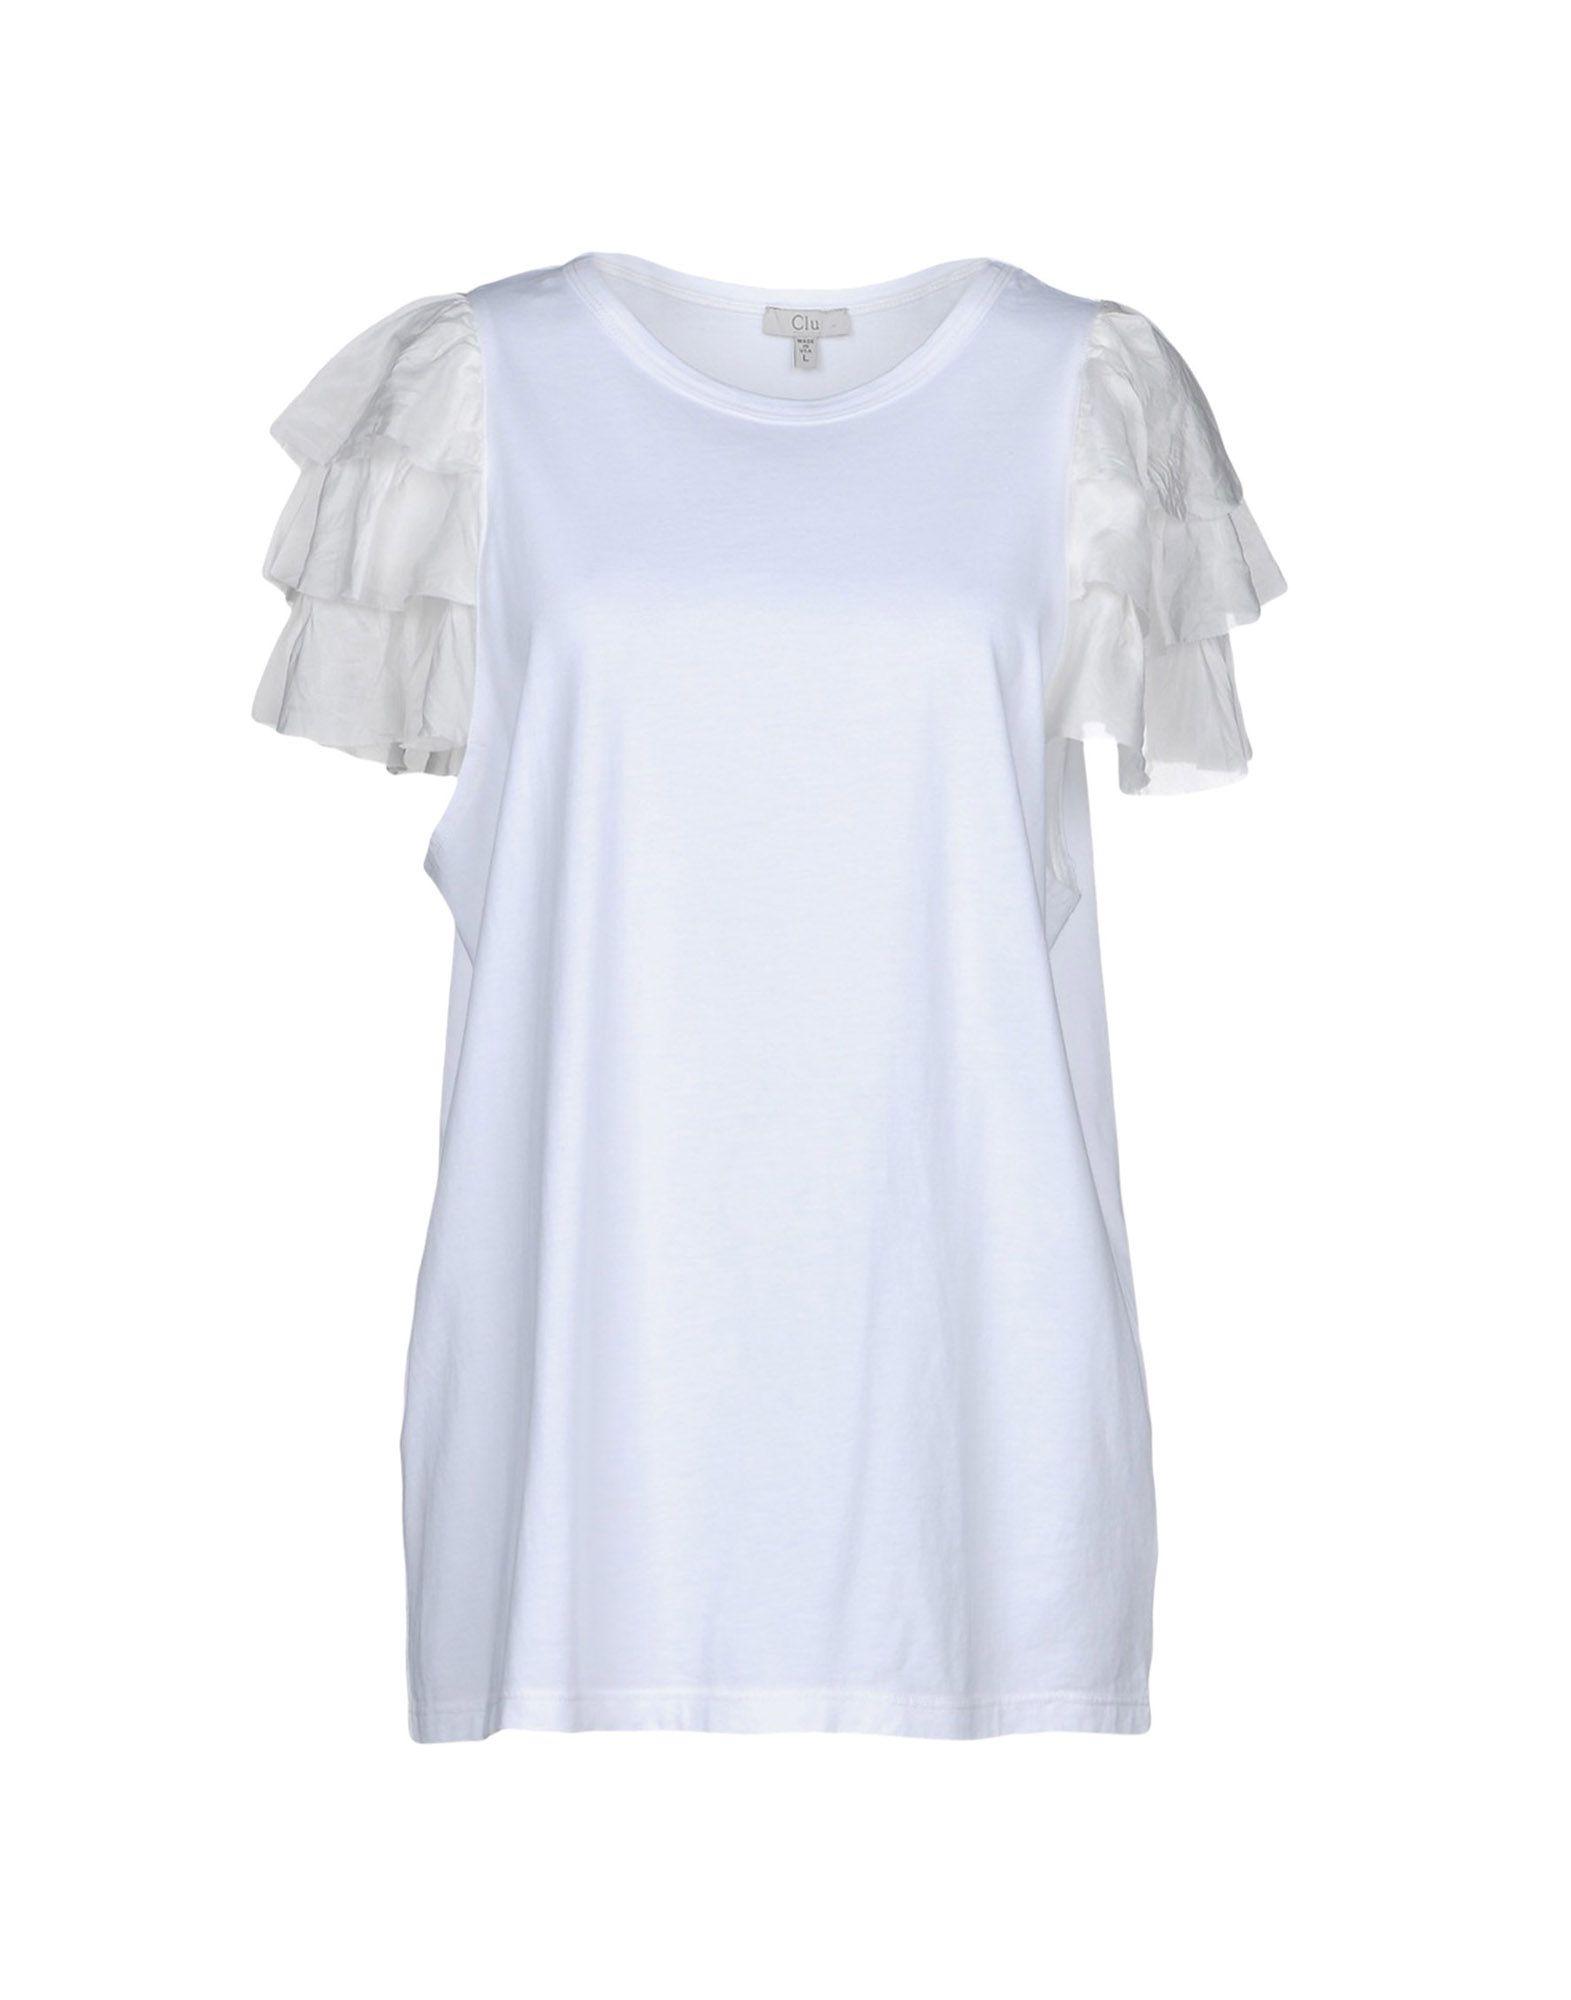 《送料無料》CLU レディース T シャツ ホワイト L コットン 100%